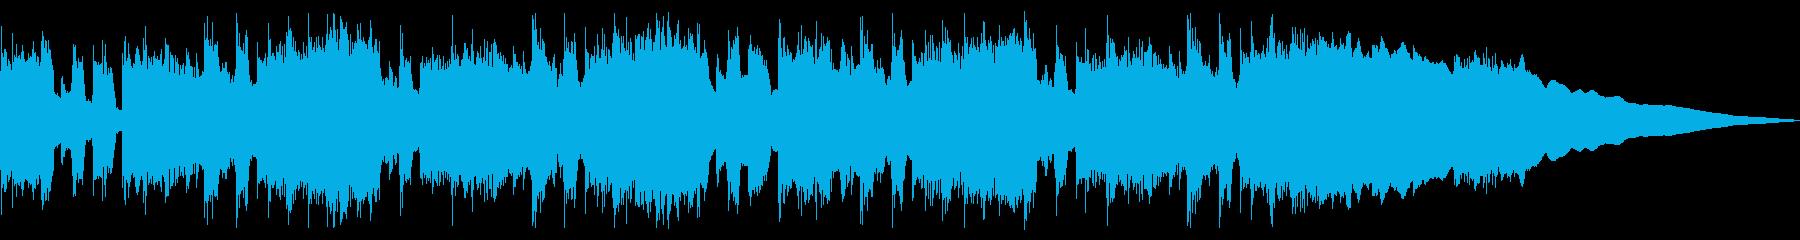 ギターのオクターブ奏法が印象的な曲の再生済みの波形